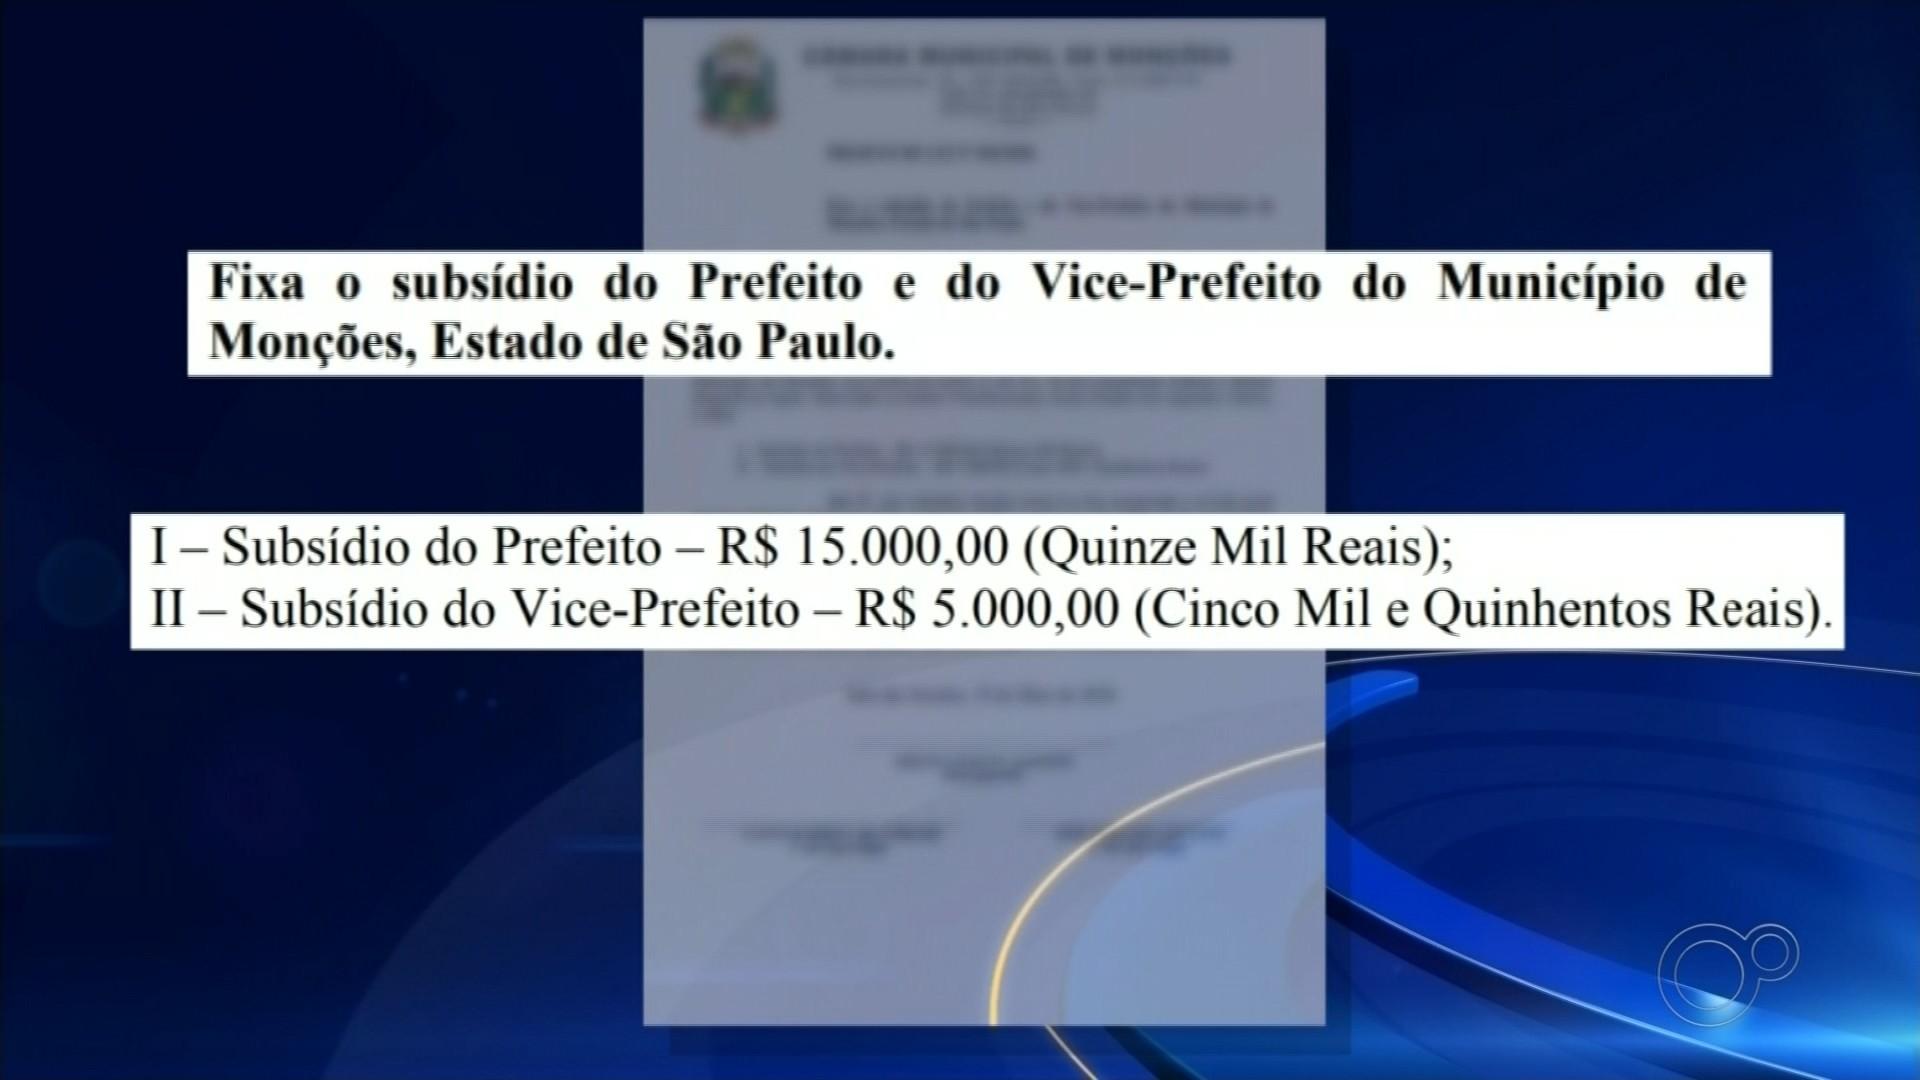 VÍDEOS: TEM Notícias 2ª edição de Rio Preto e Araçatuba desta terça-feira, 26 de maio